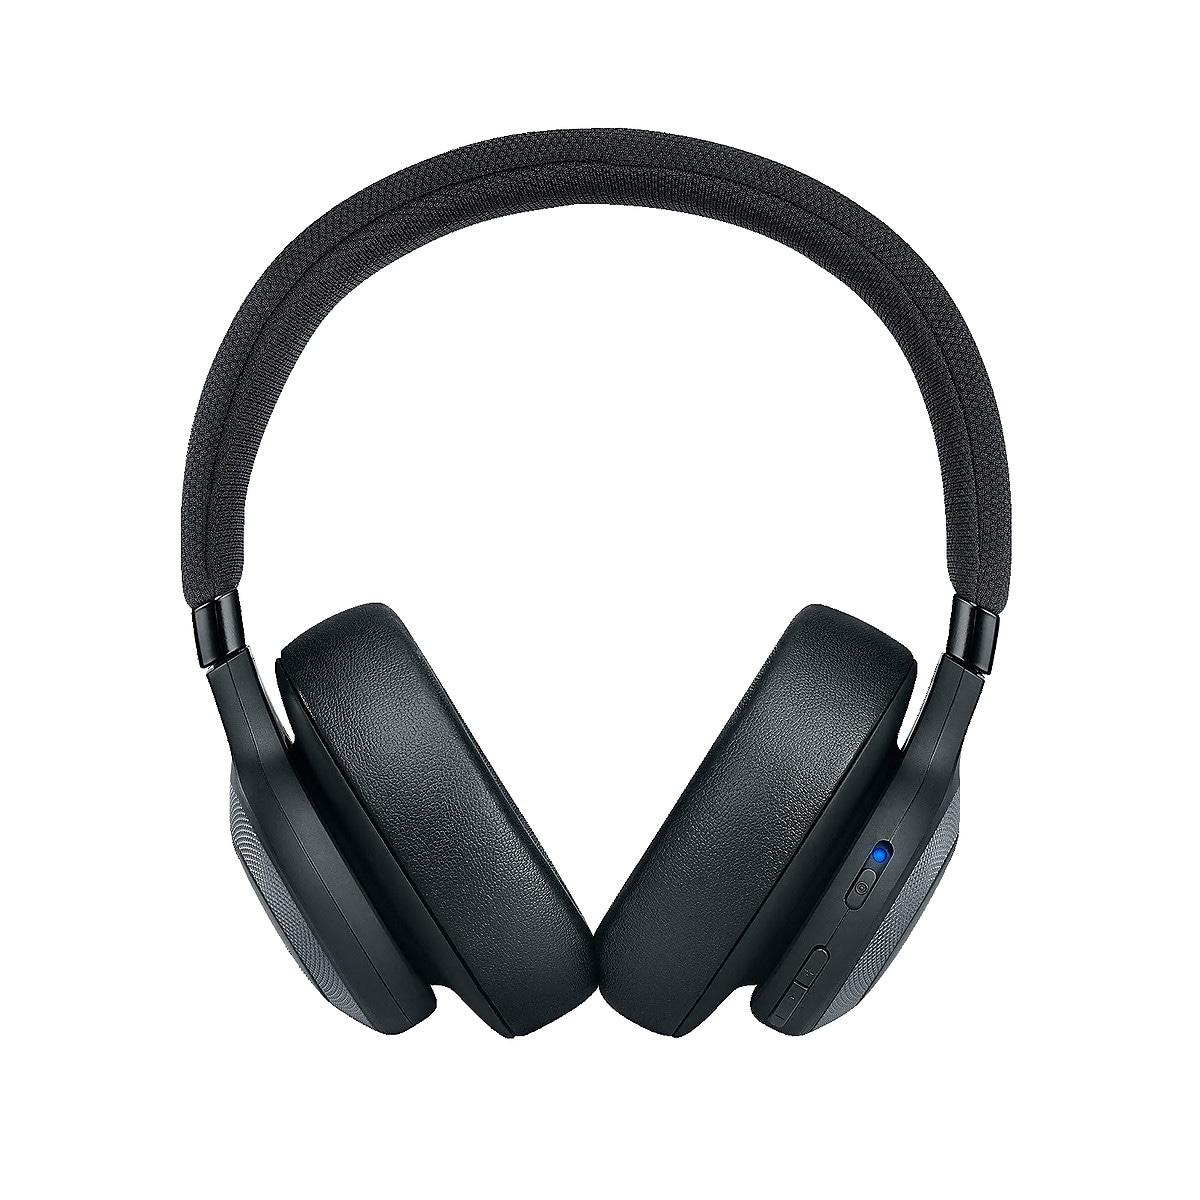 Brusreducerande hörlurar, JBL E65BT NC